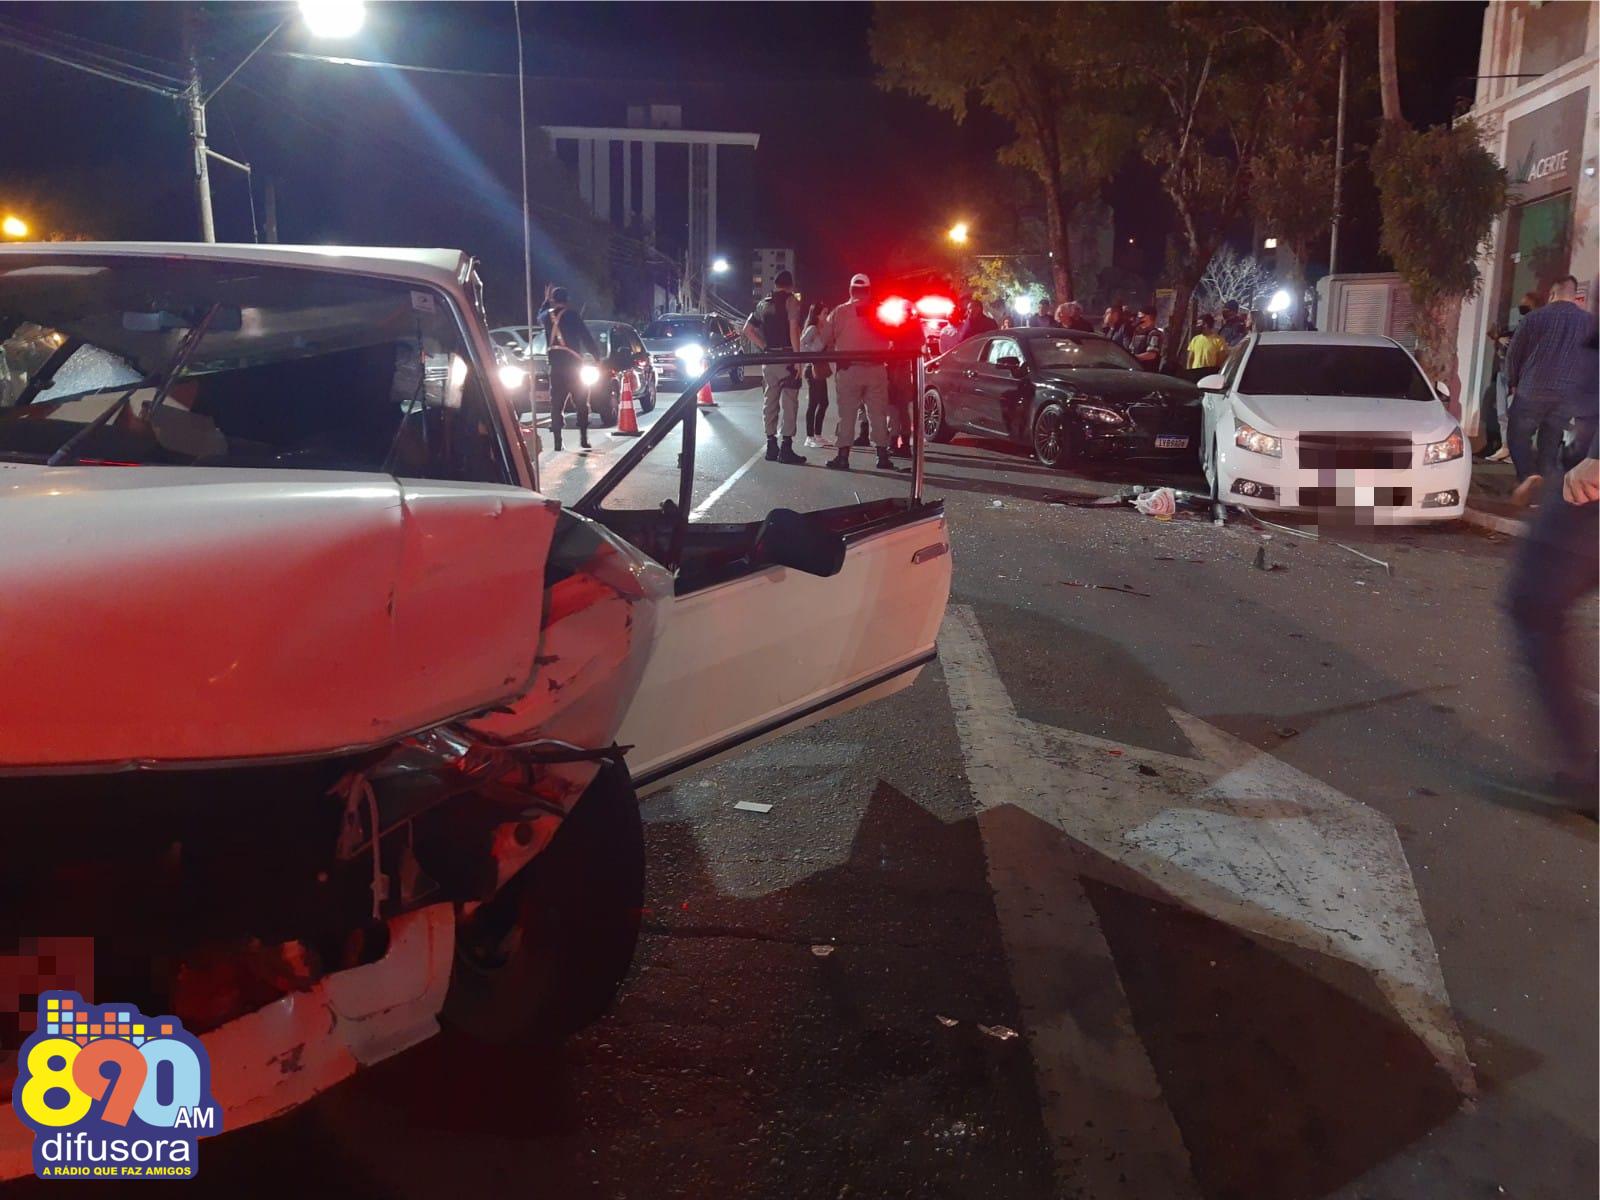 Acidente envolvendo três veículos deixa uma pessoa ferida no Cidade alta, em Bento